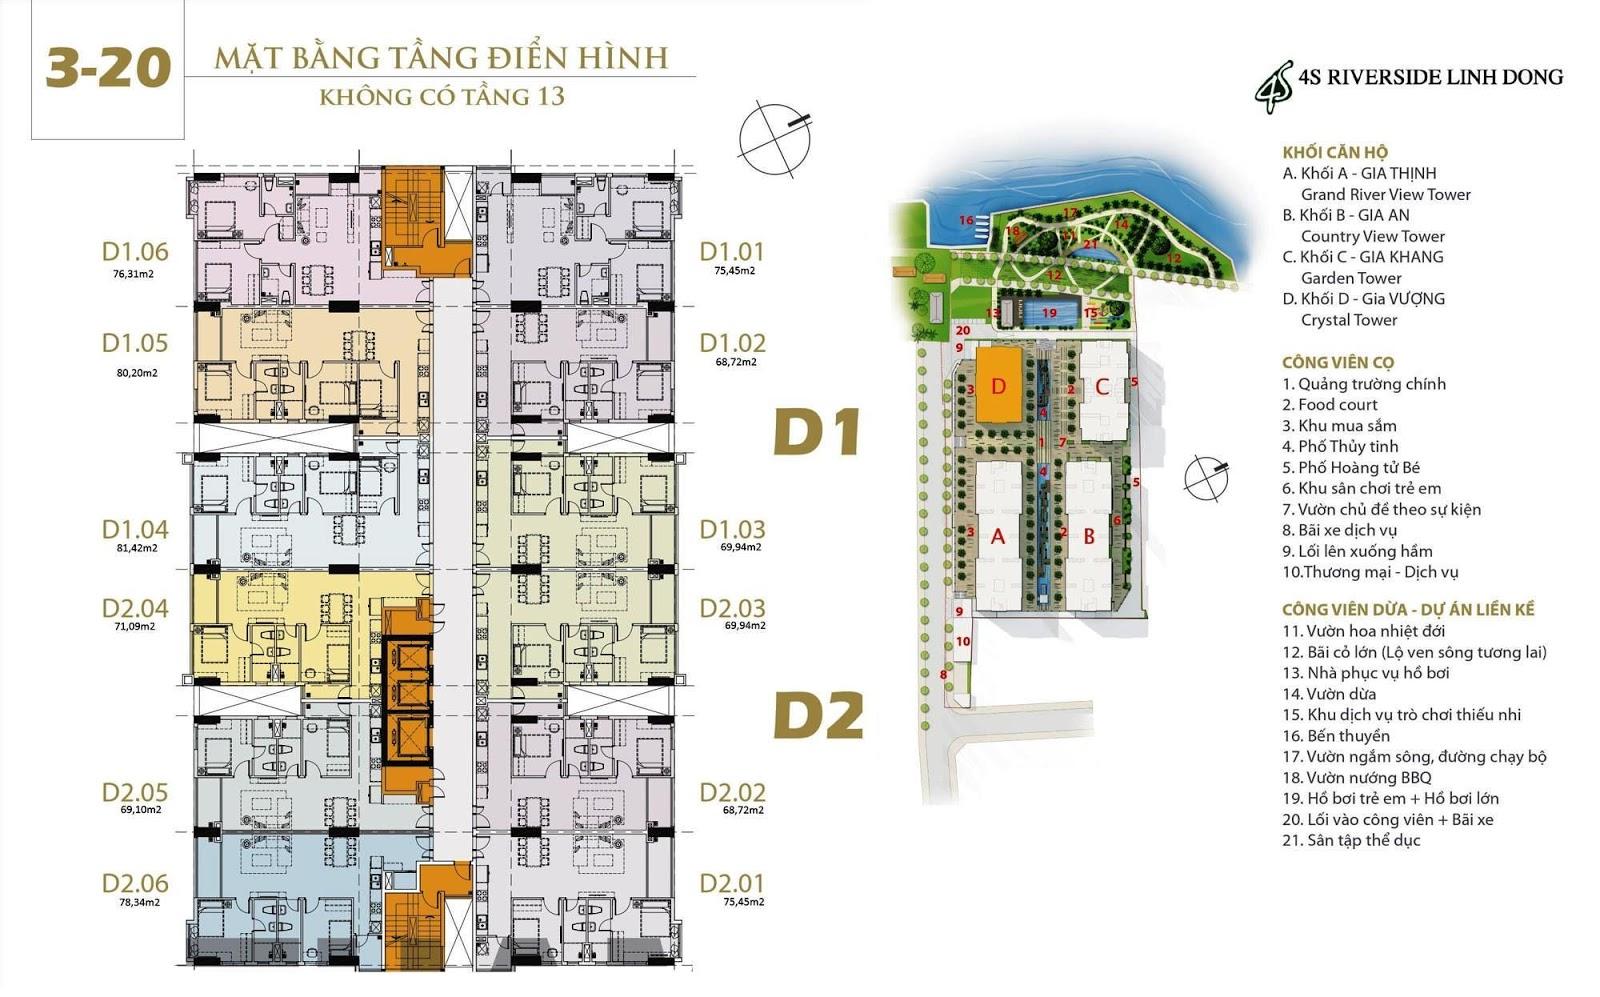 Mặt bằng dự án căn hộ 4S Linh Đông Block D Gia Vượng tầng 3 đến 20